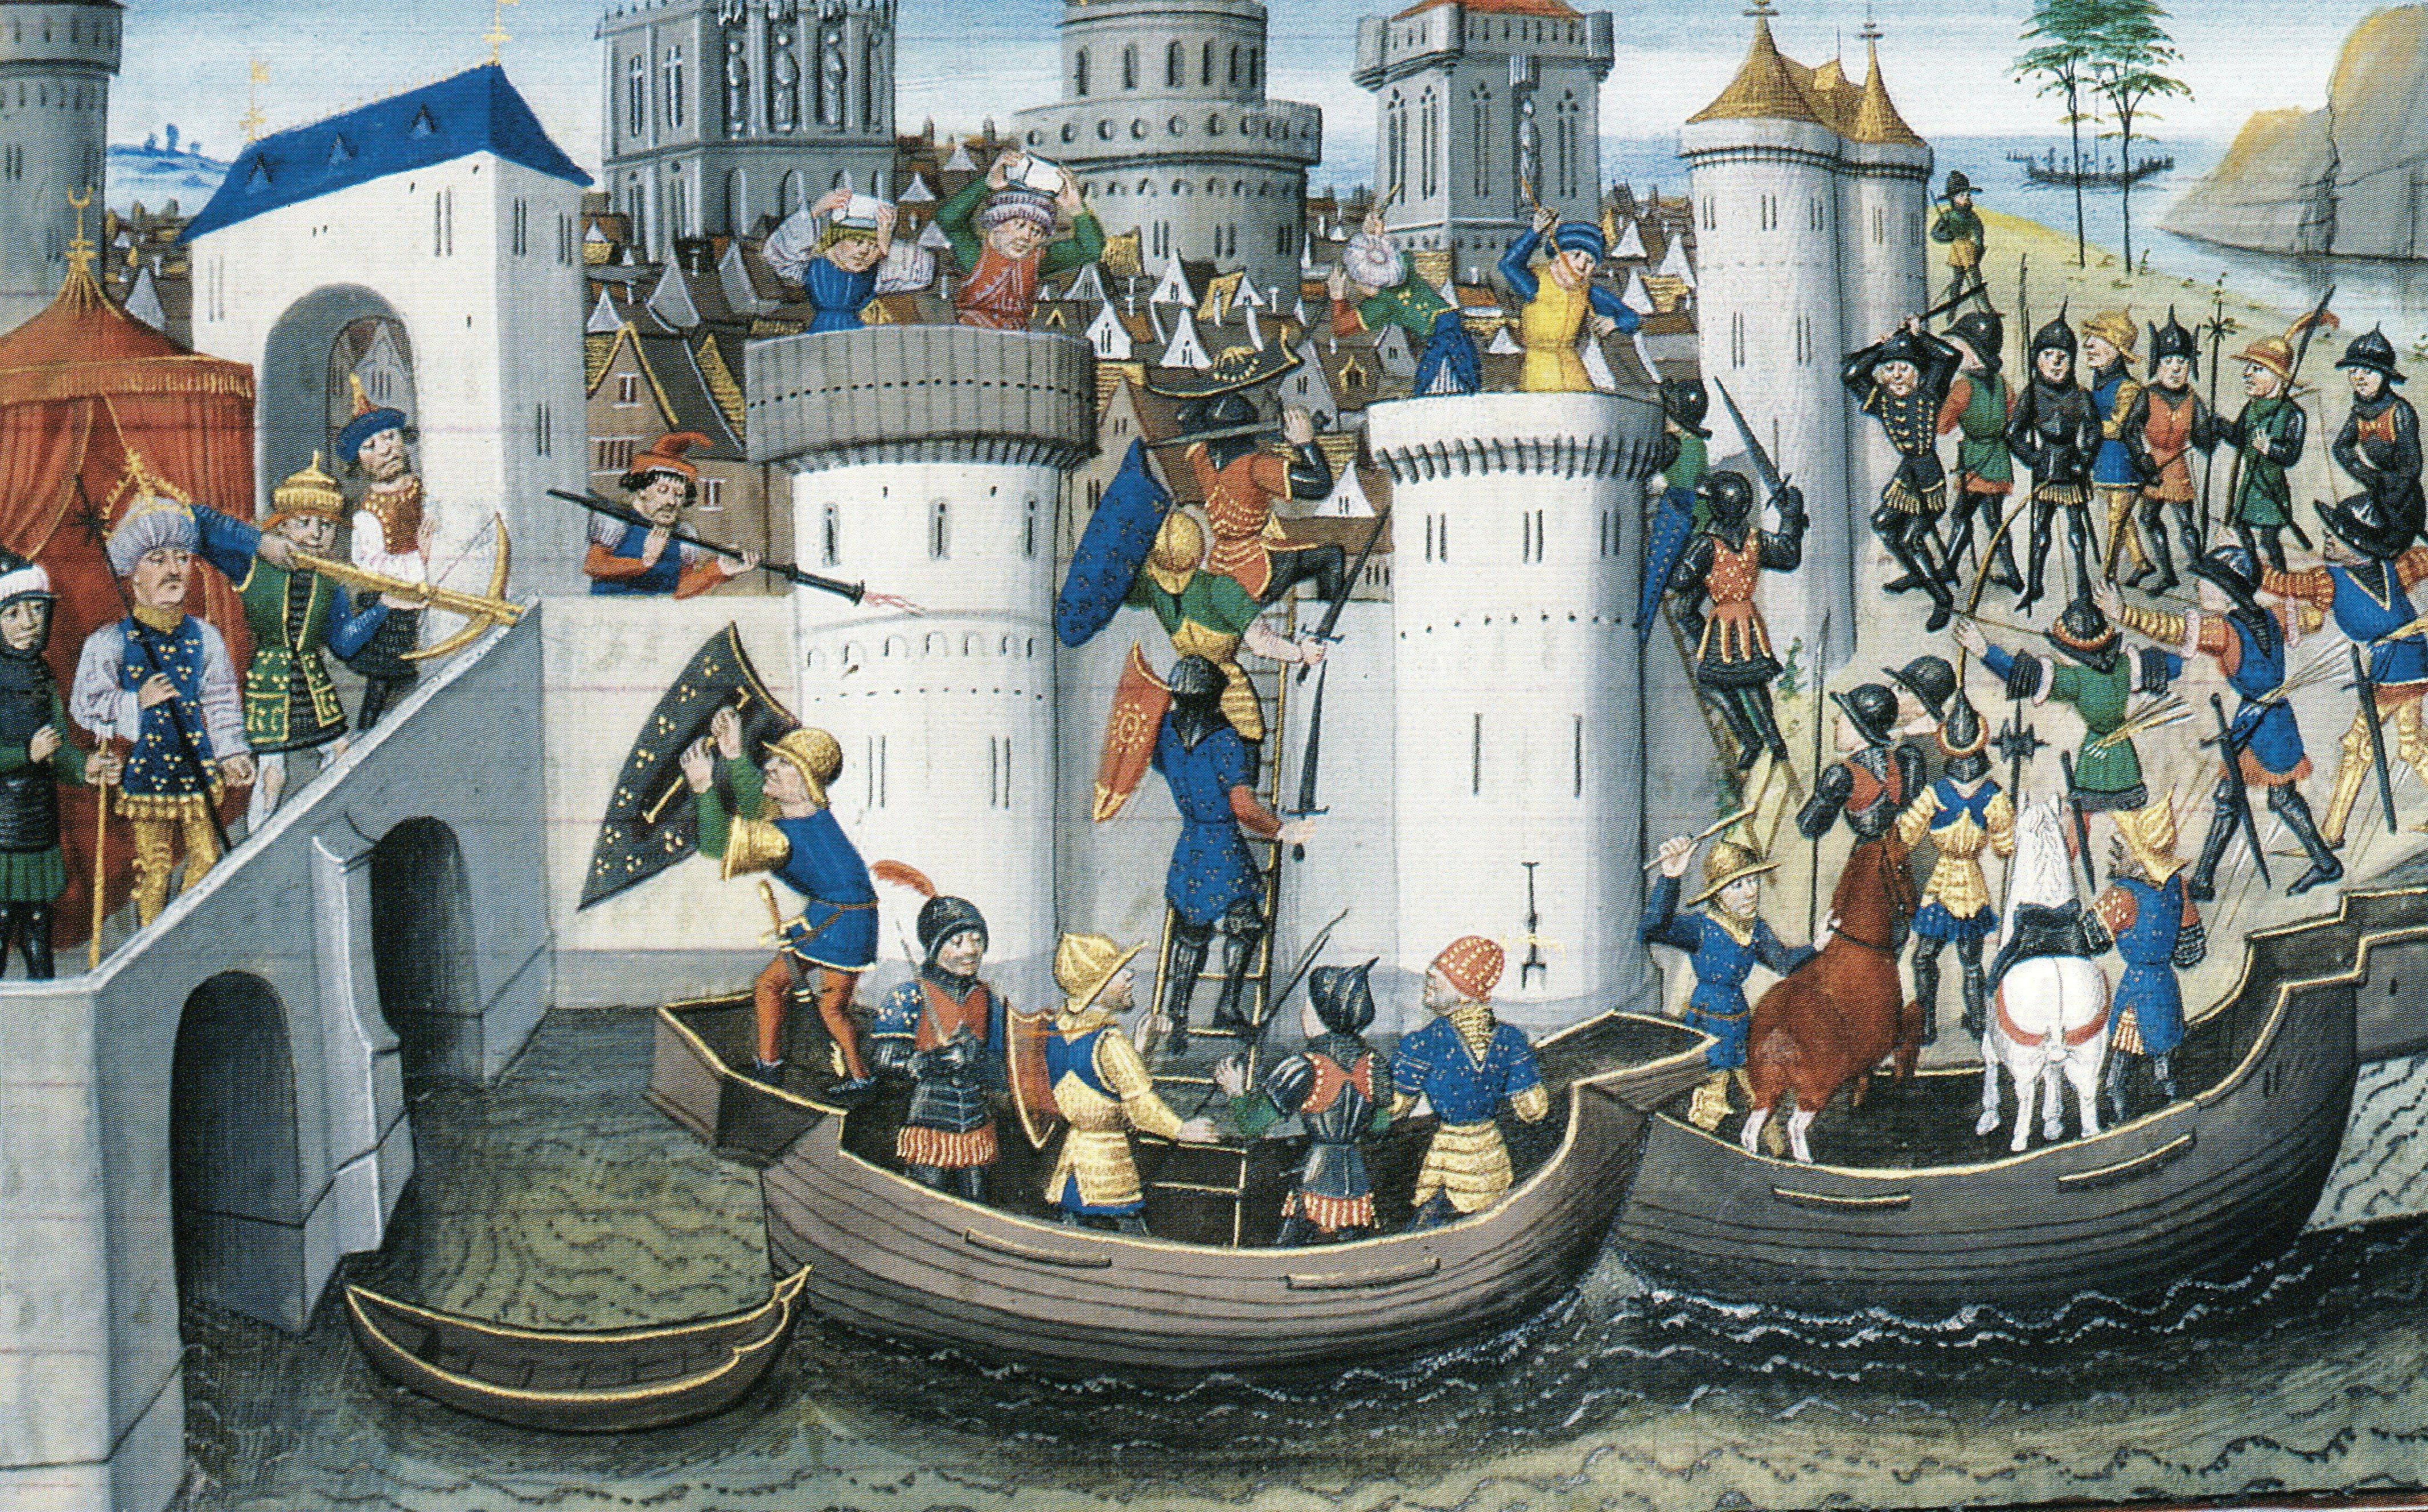 Paris, BnF - Bibliothèque de l'Arsenal, MS 5090 (XVe siècle), fol. 205r. Comment la cité de Constantinople fut prise d'assault